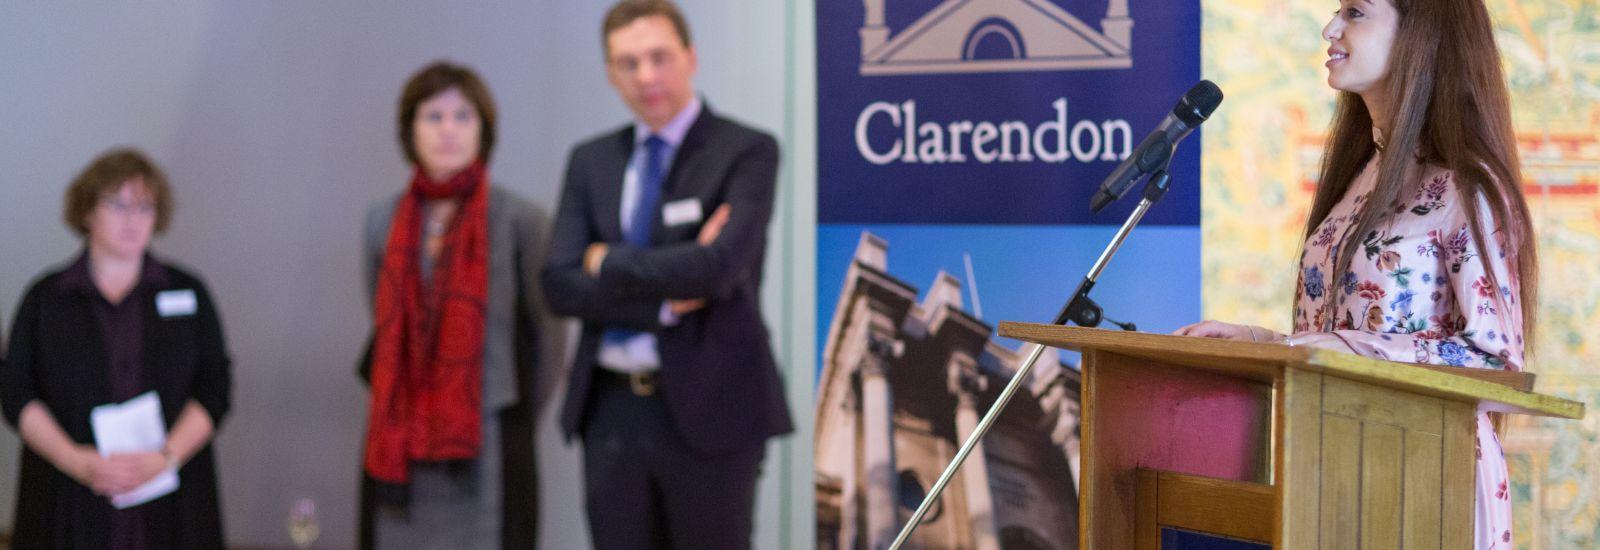 Past Clarendon Scholars' Council addressing the scholars